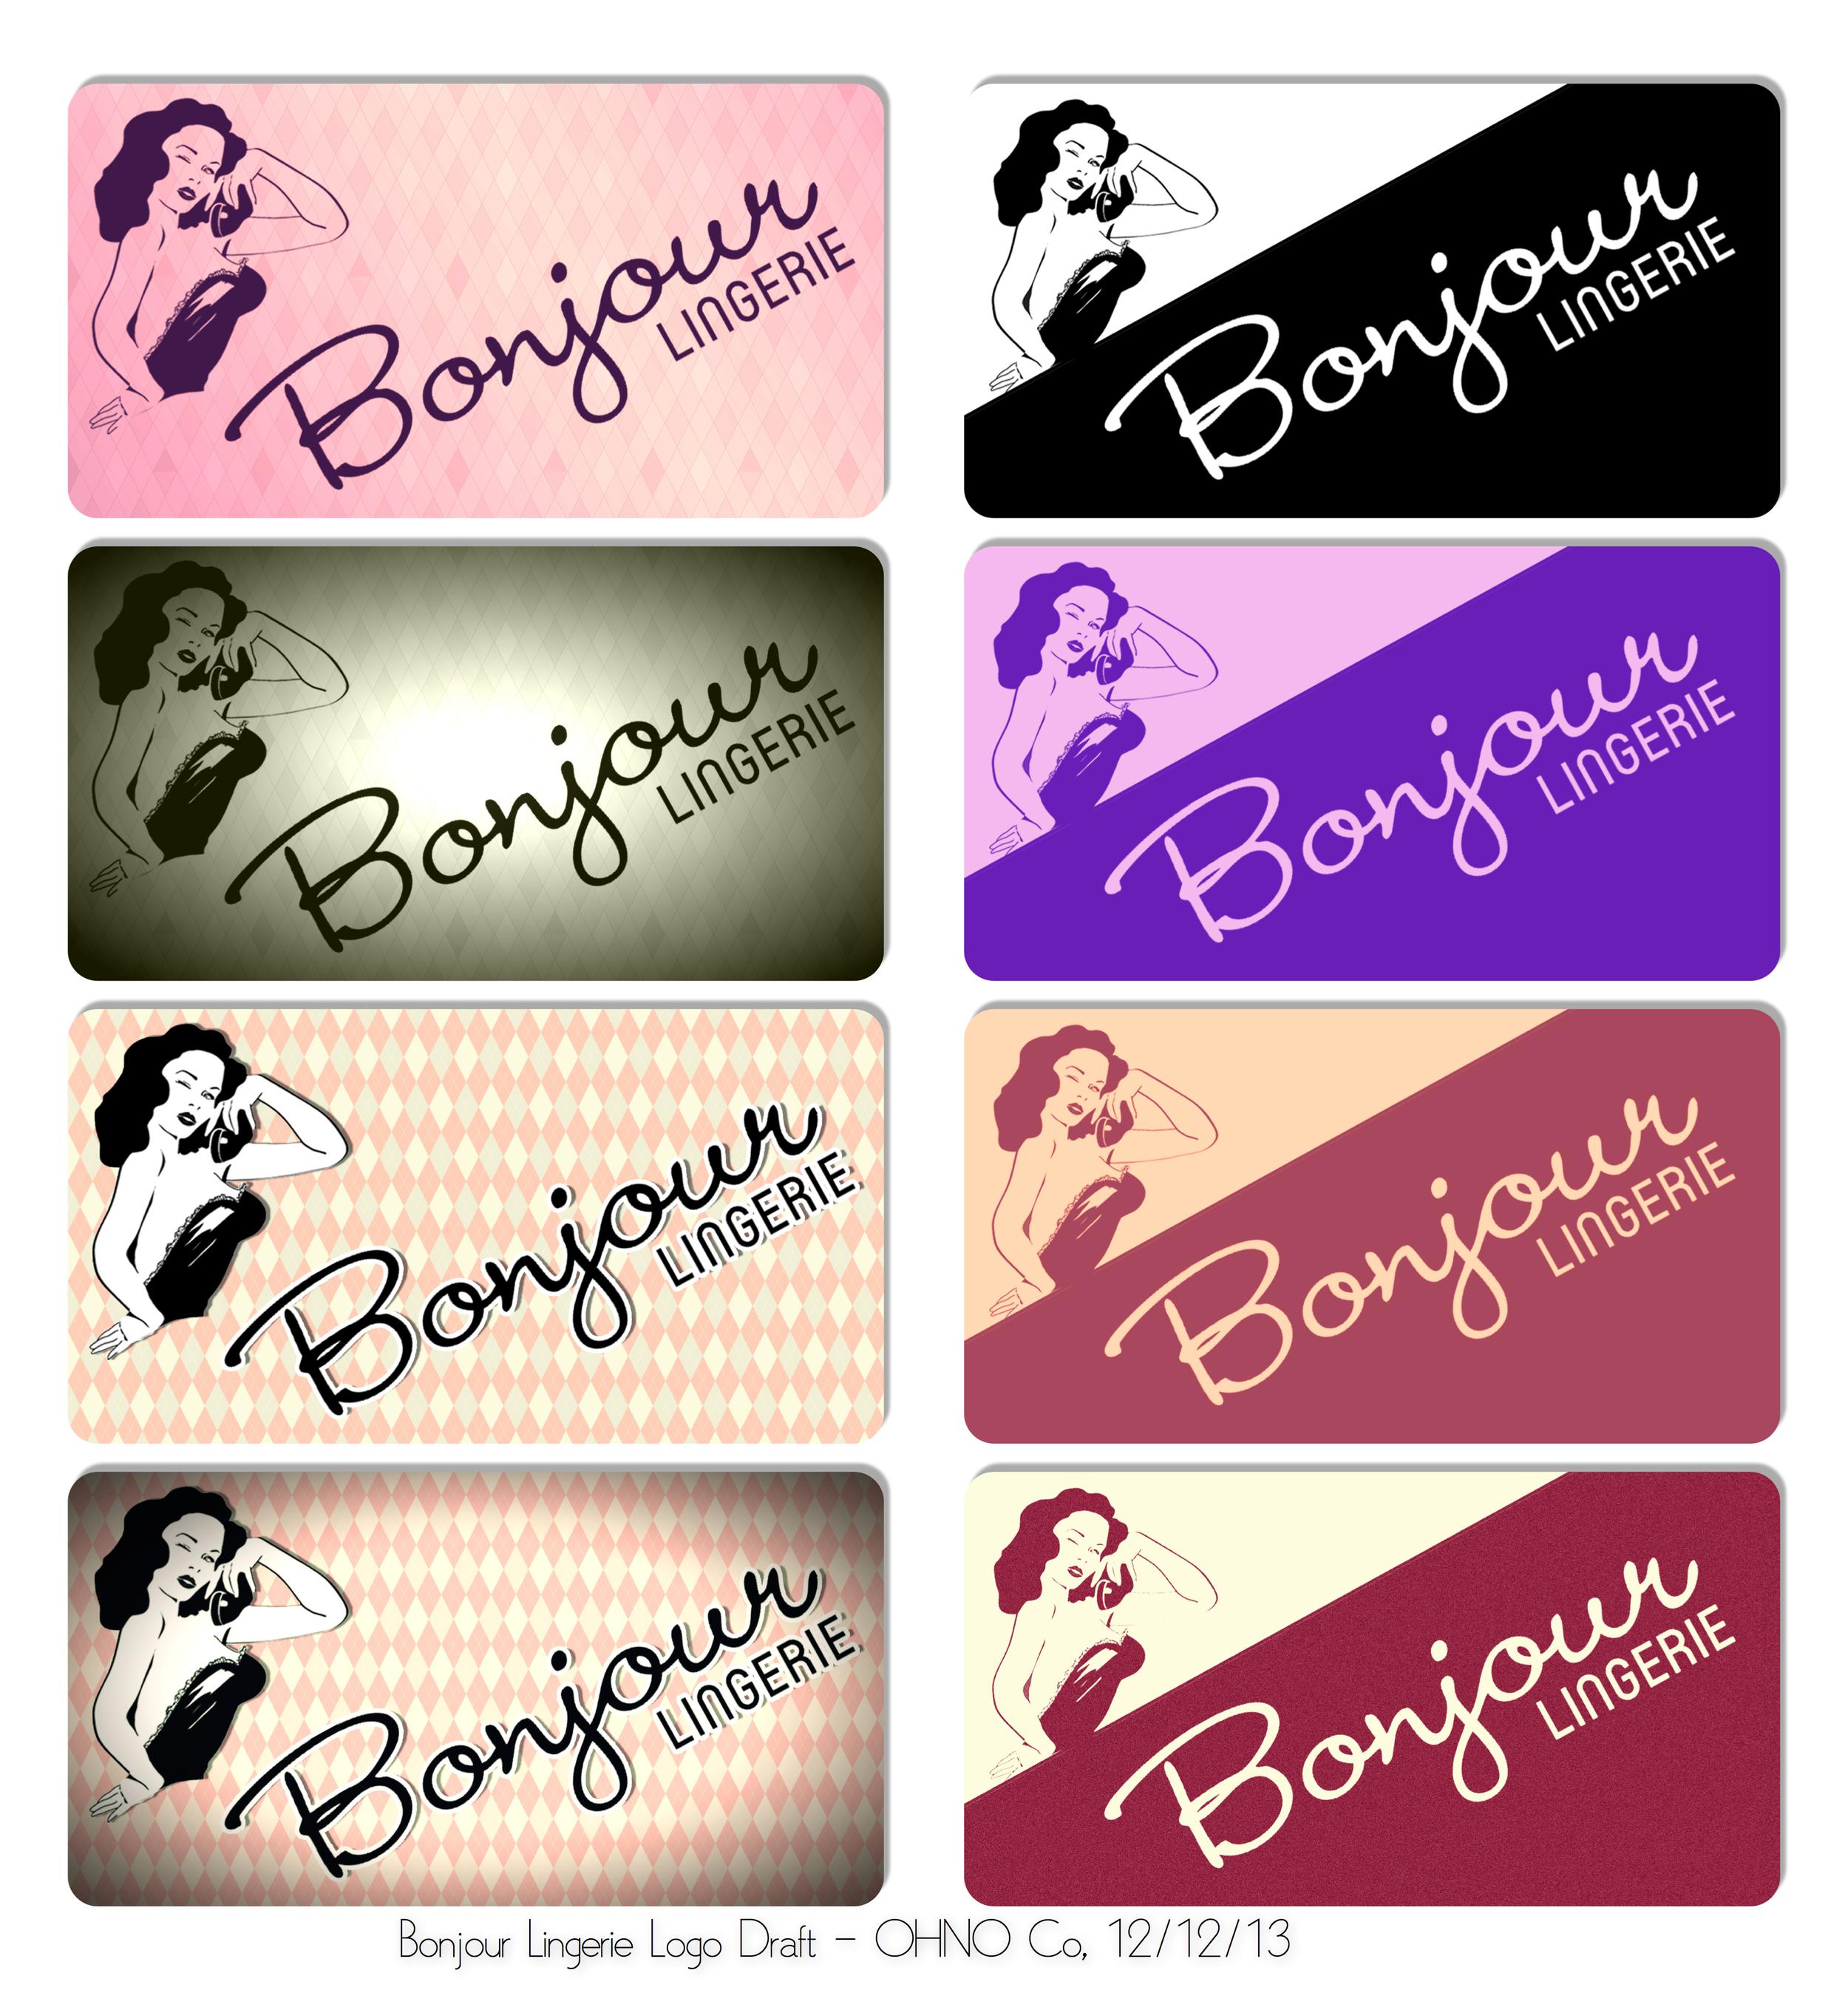 bonjourlingerie_branding.jpg